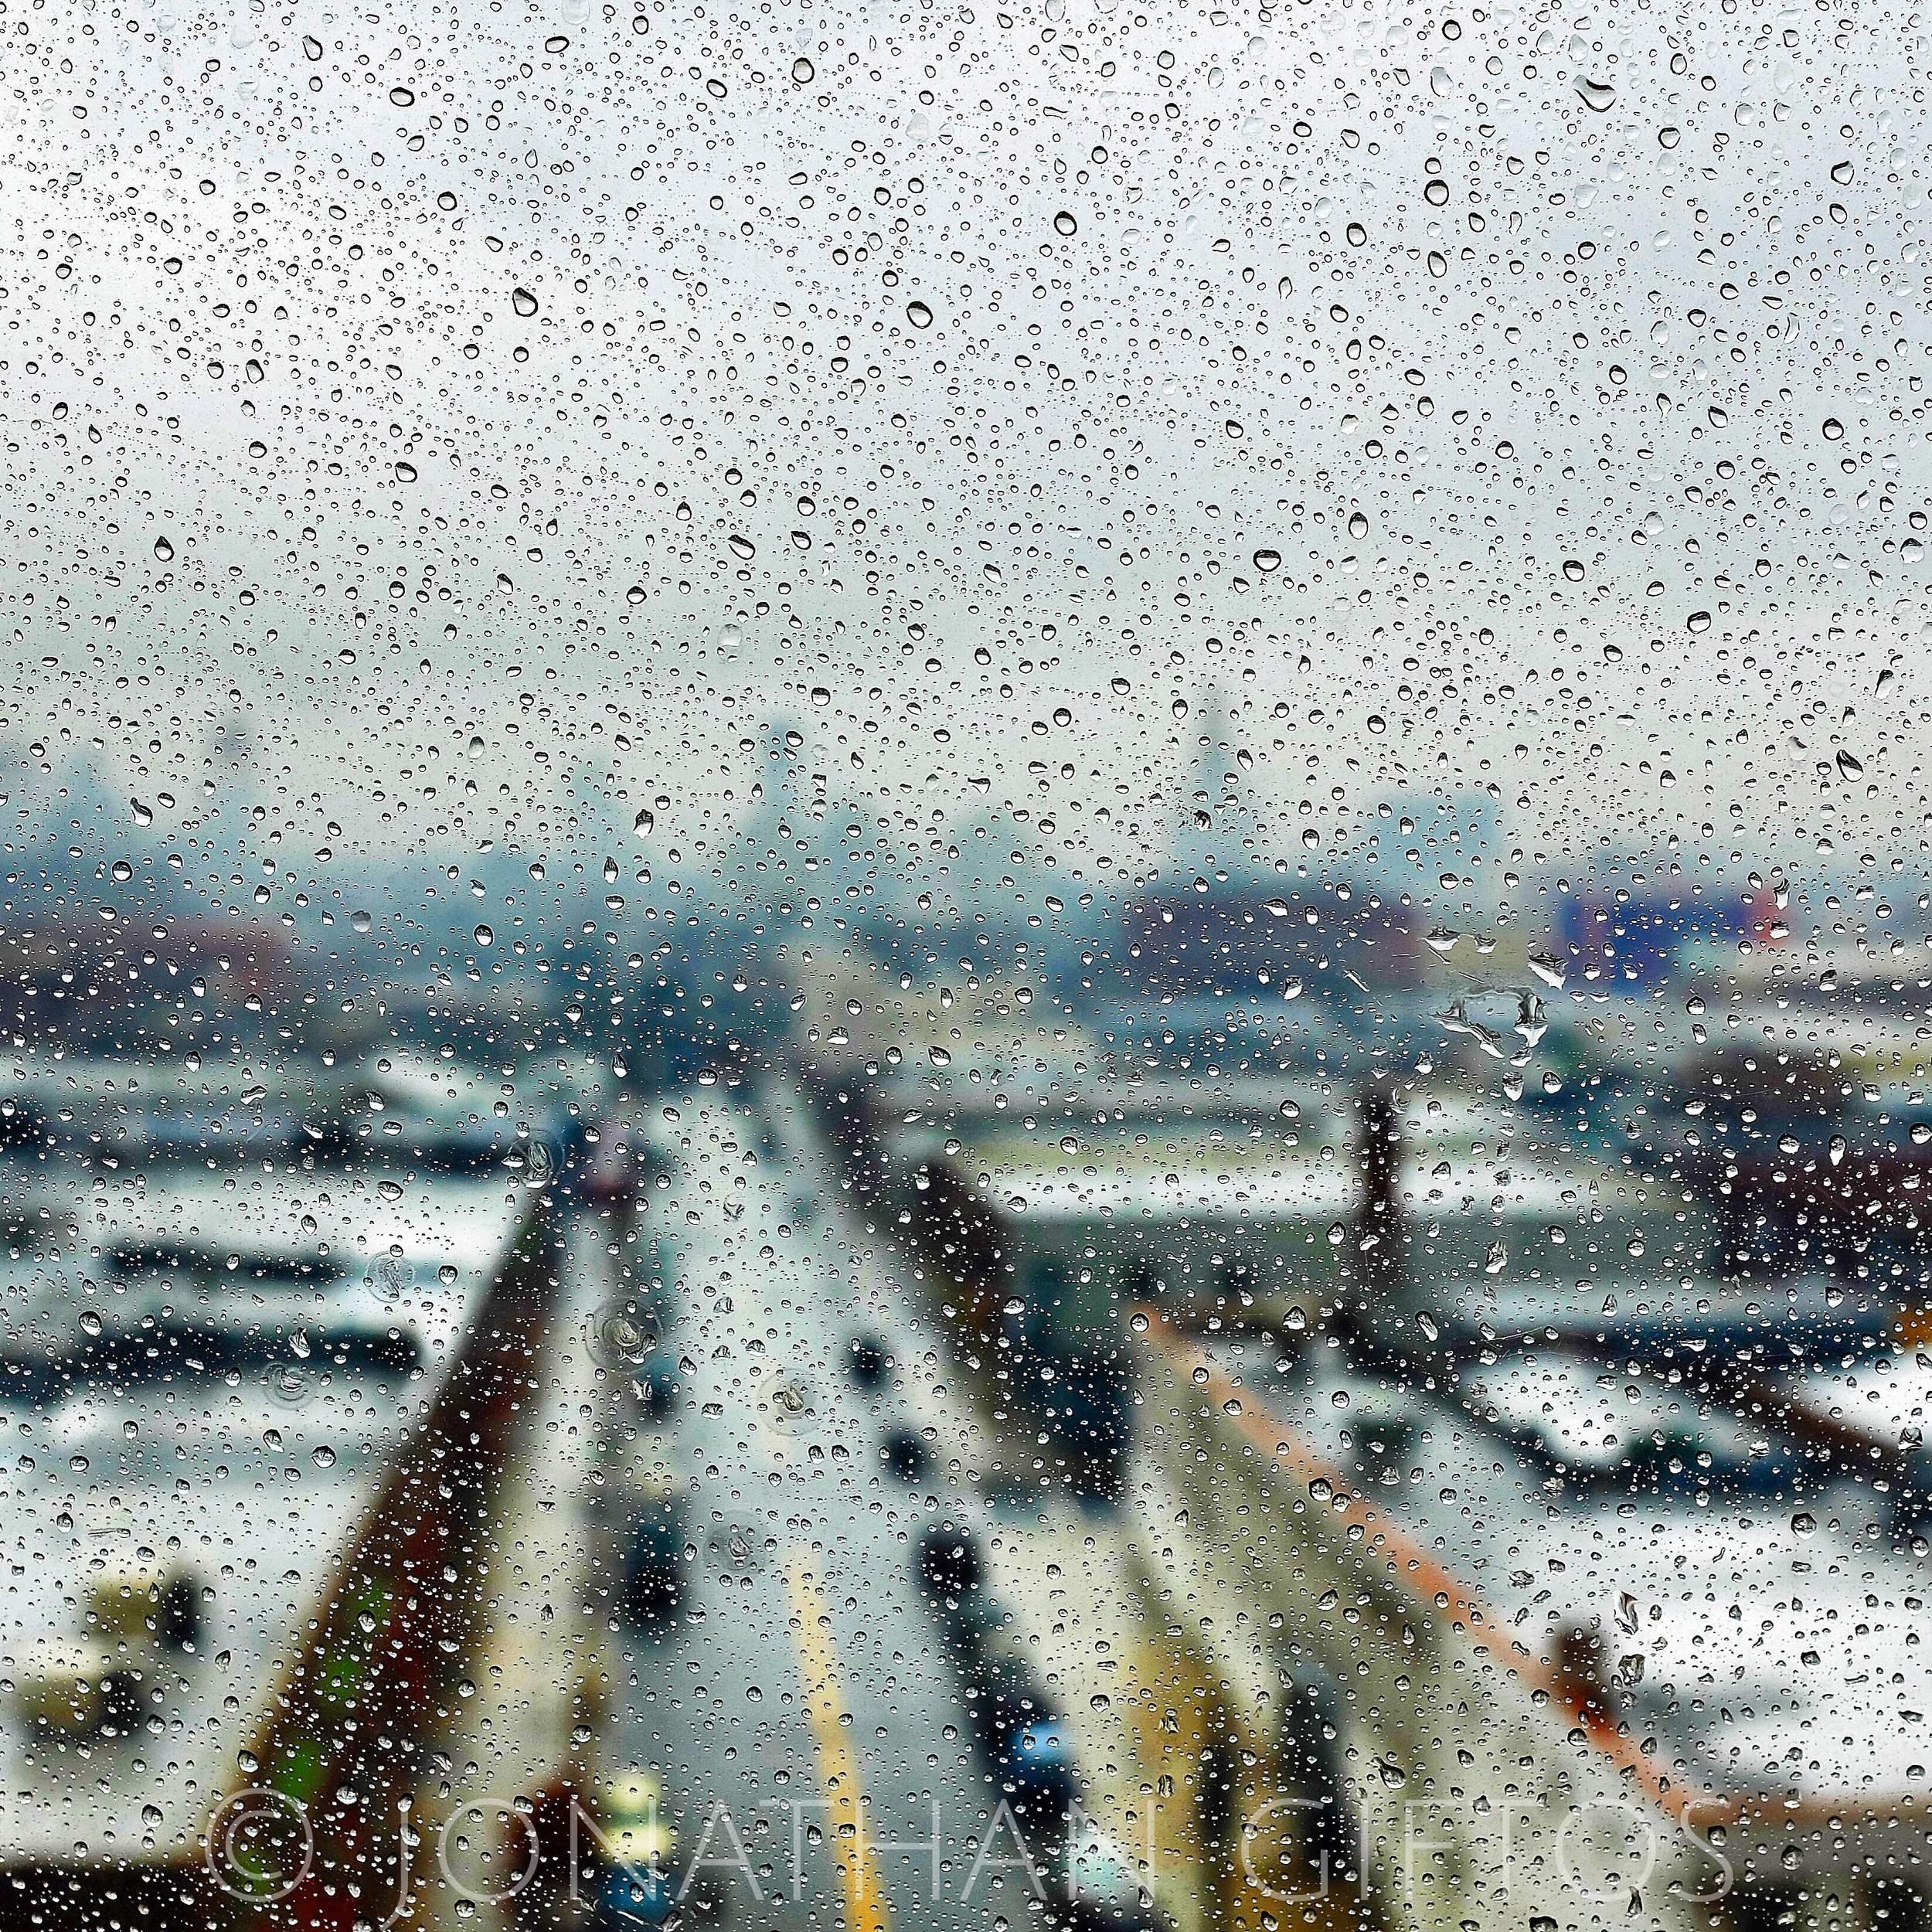 Rainy City (2015)